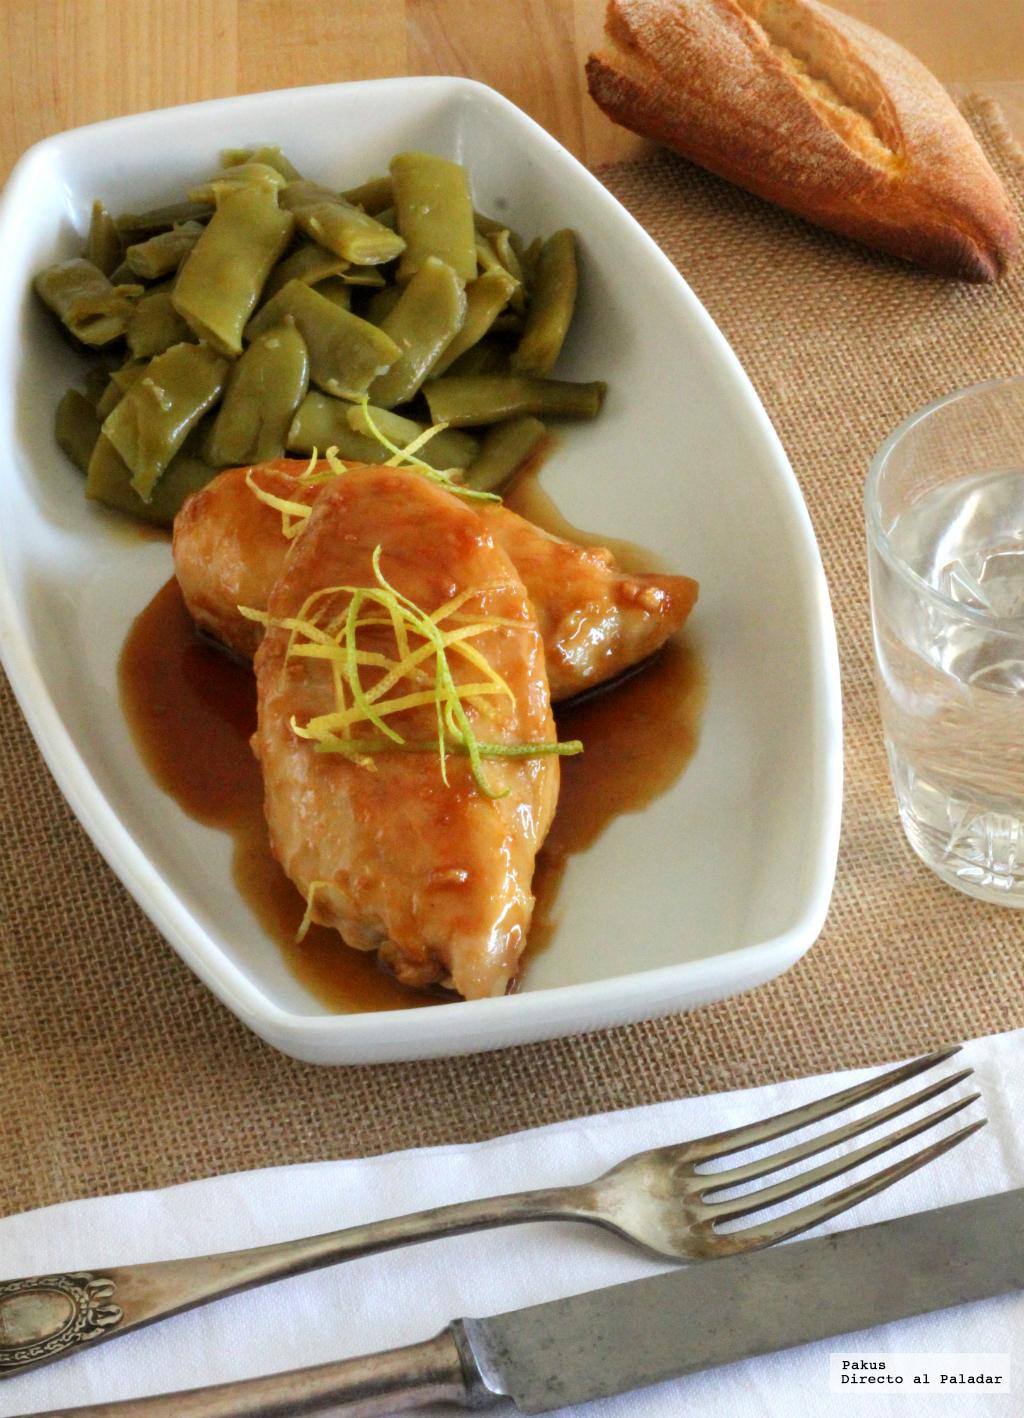 Image Result For Receta De Cocina Pollo Con Miel Y Limon